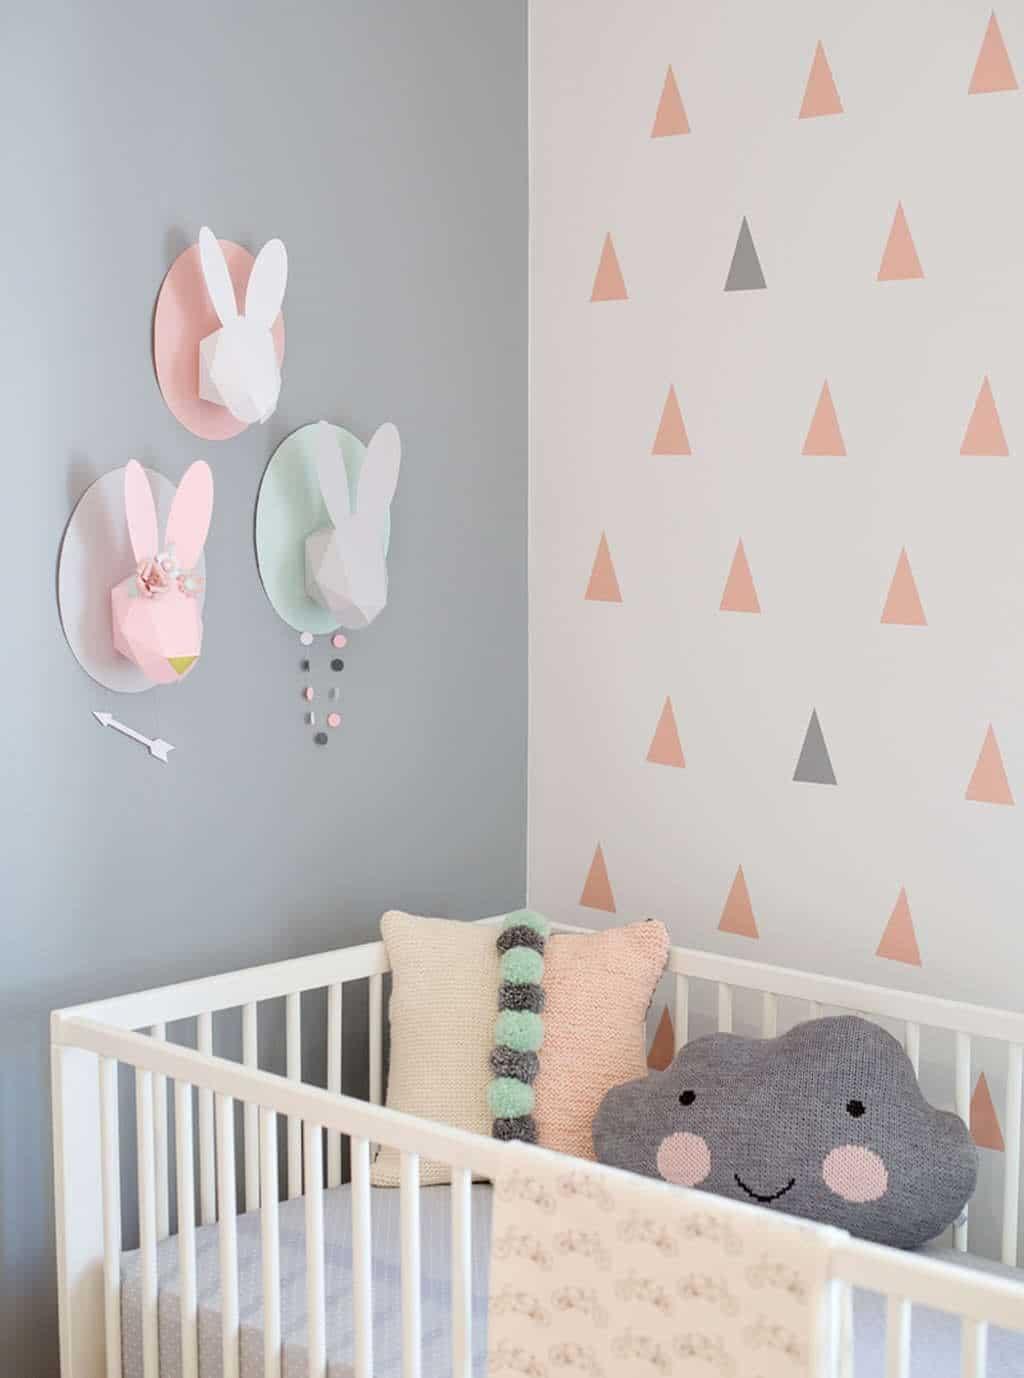 Superbe Deco Chambre Enfant Couleurs Pastels